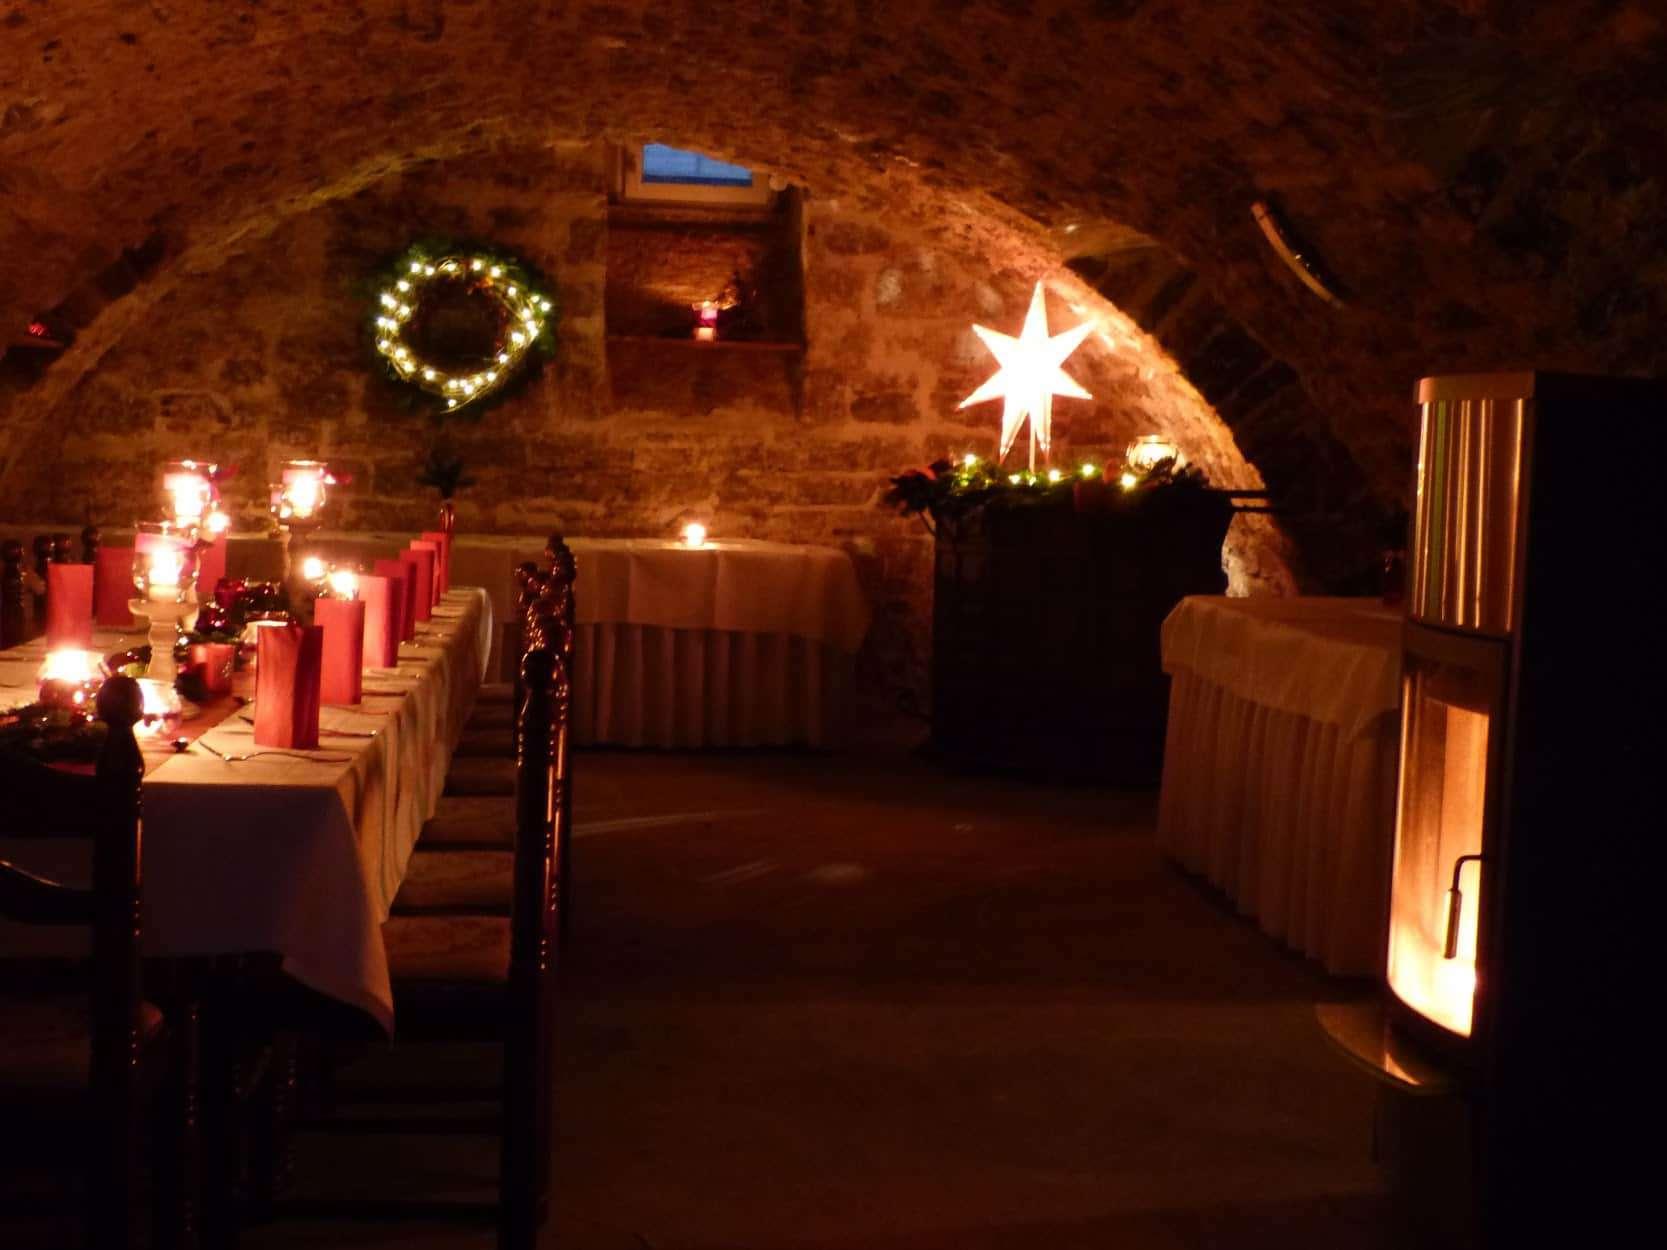 weihnachtlich dekorierter Gewölbekeller mit Festtafel